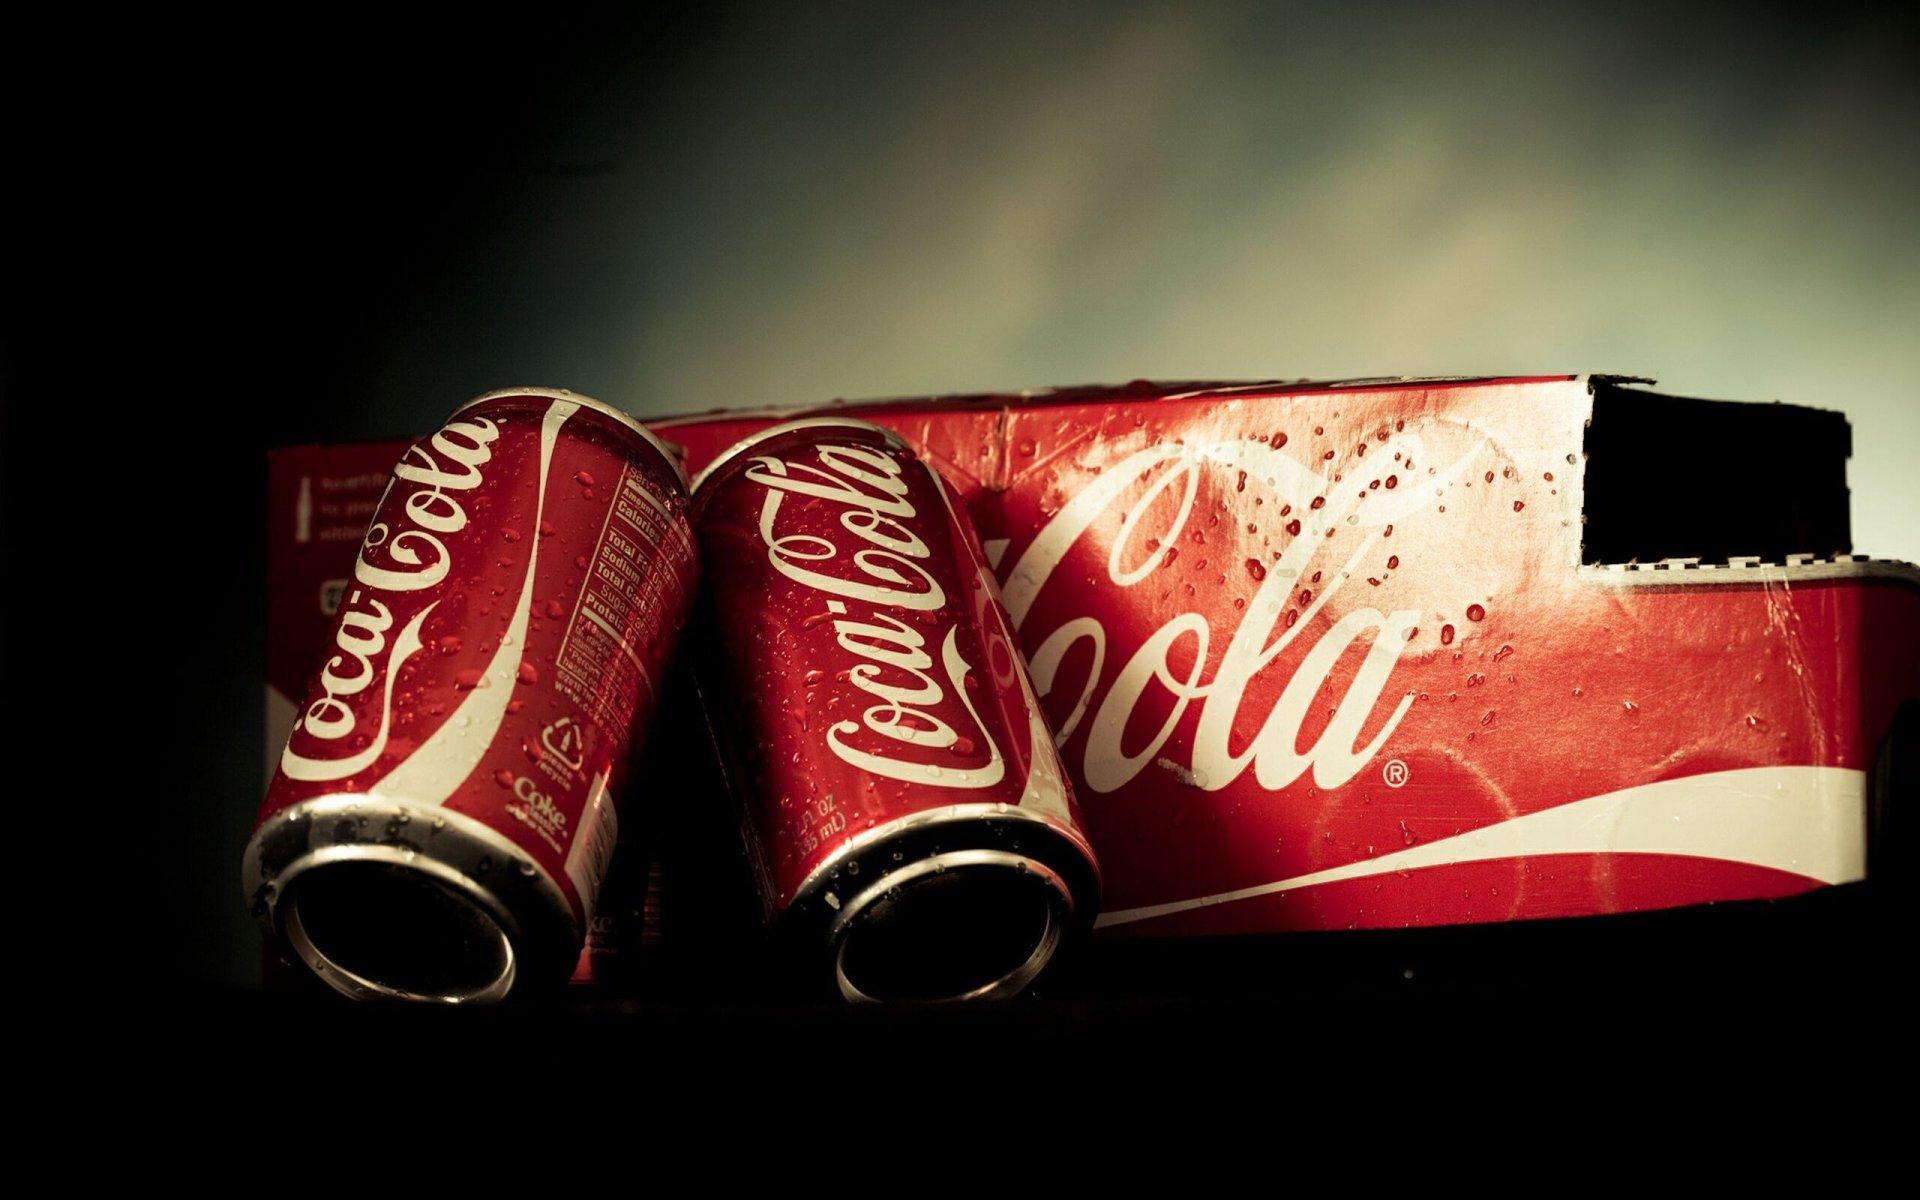 Products - Coca Cola  Wallpaper